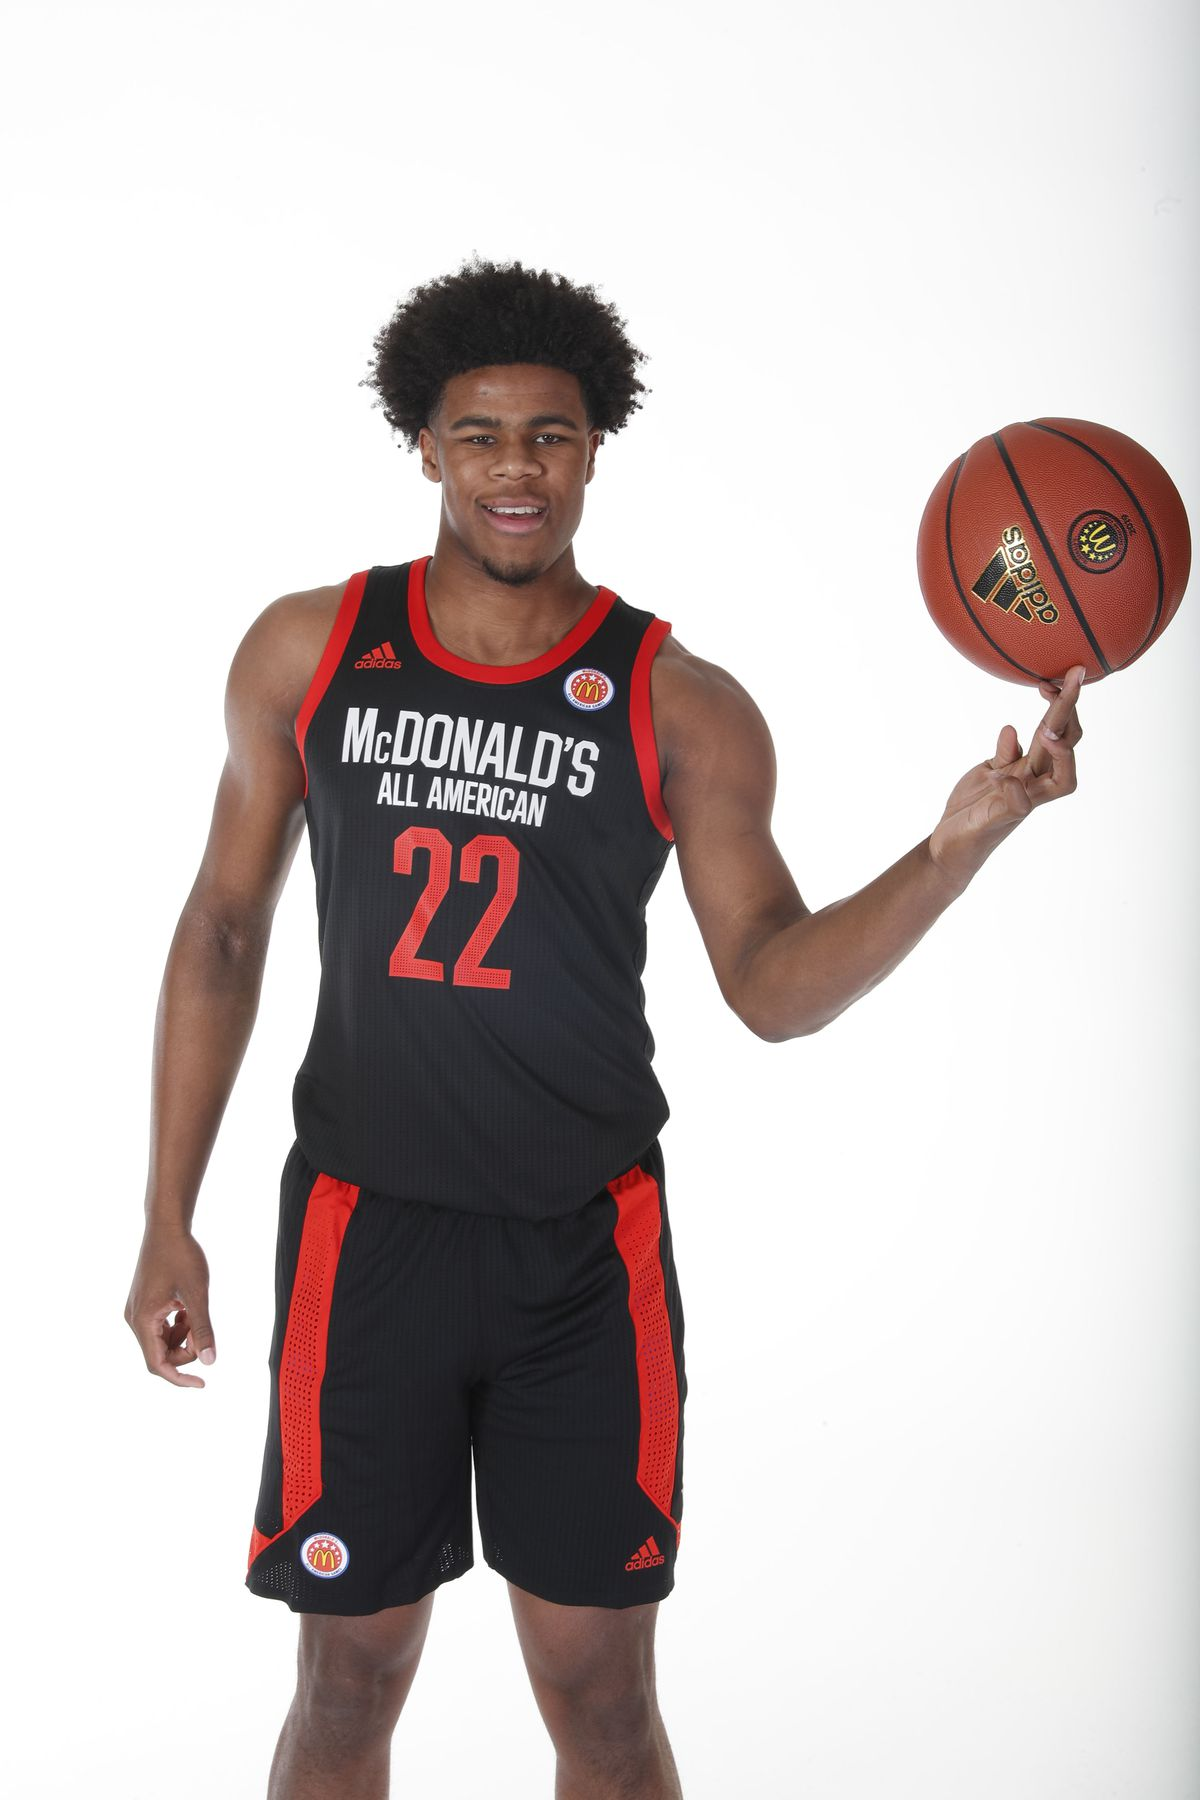 High School Basketball: Journée du portrait américain à la McDonald's High School